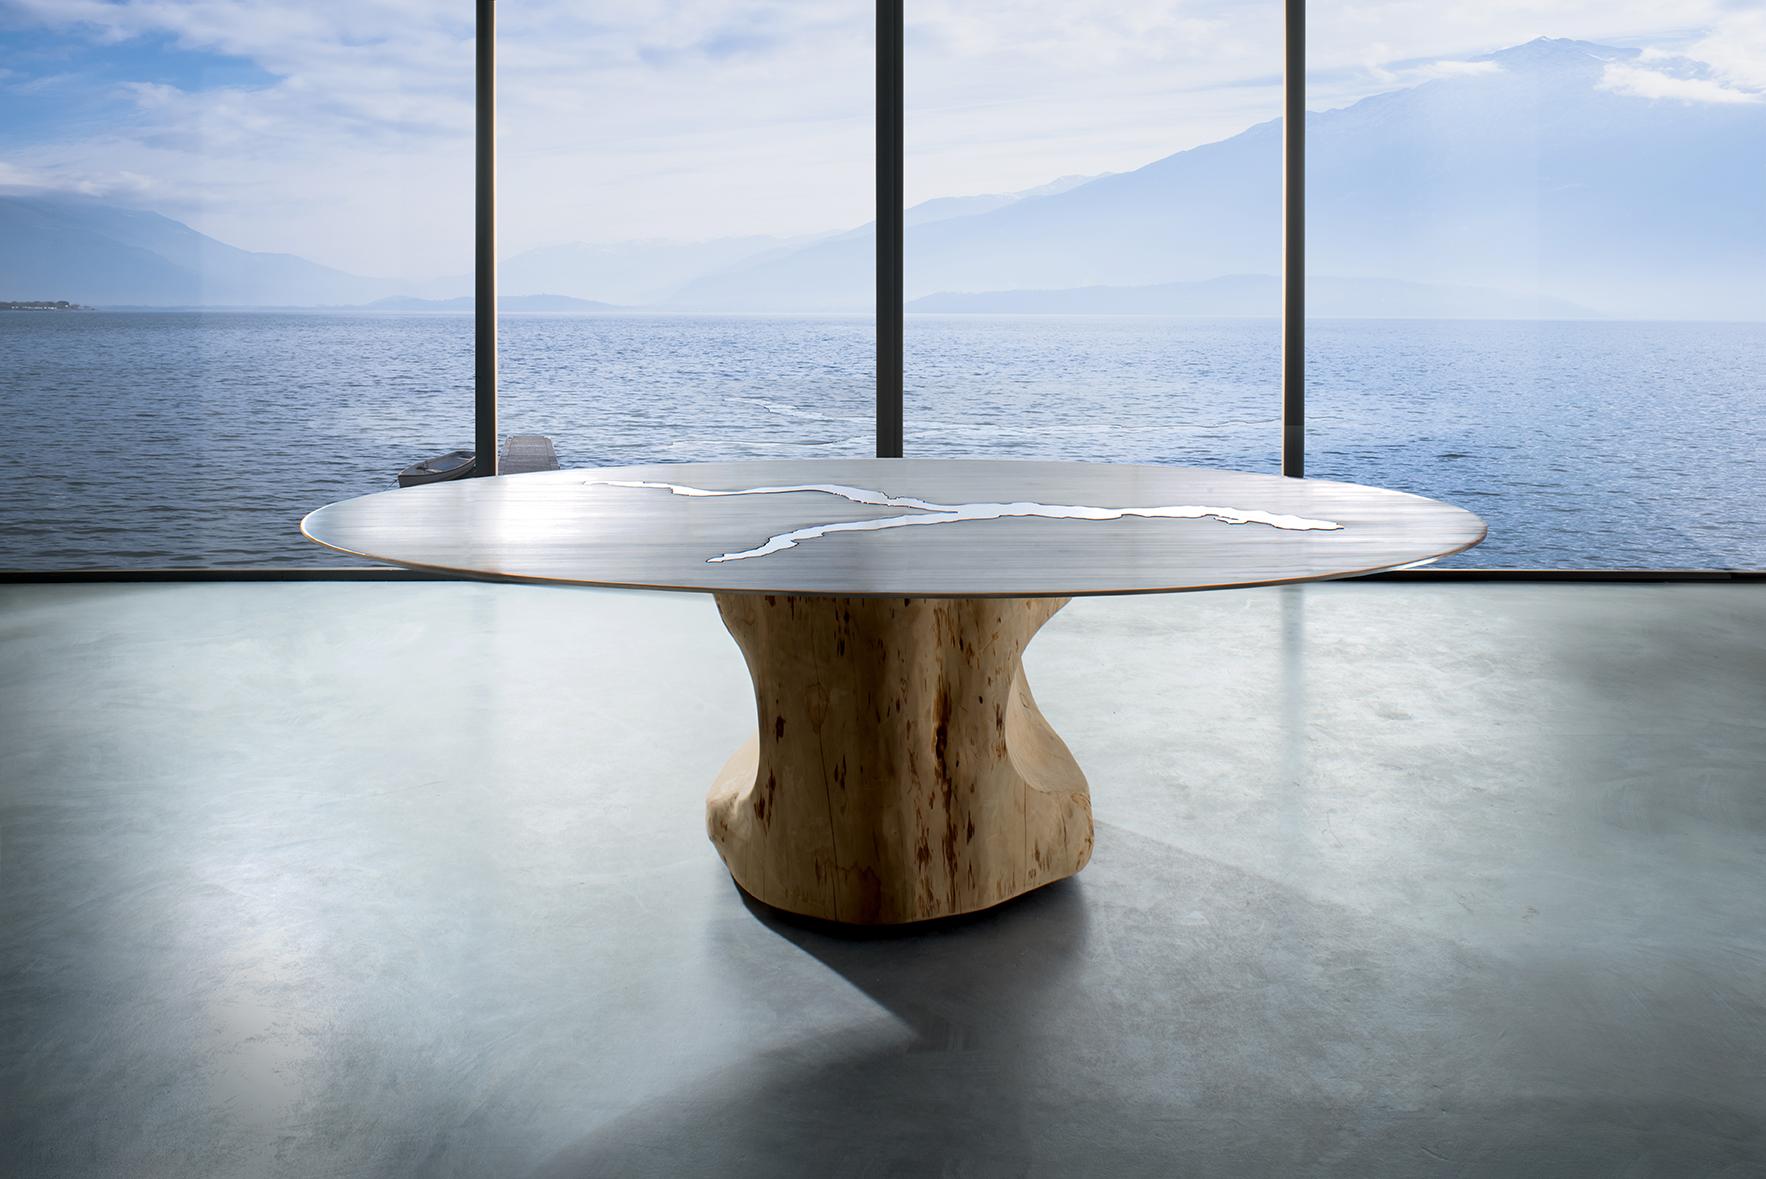 Presentazione di Como Lake, tavolo dedicato al Lago di Como